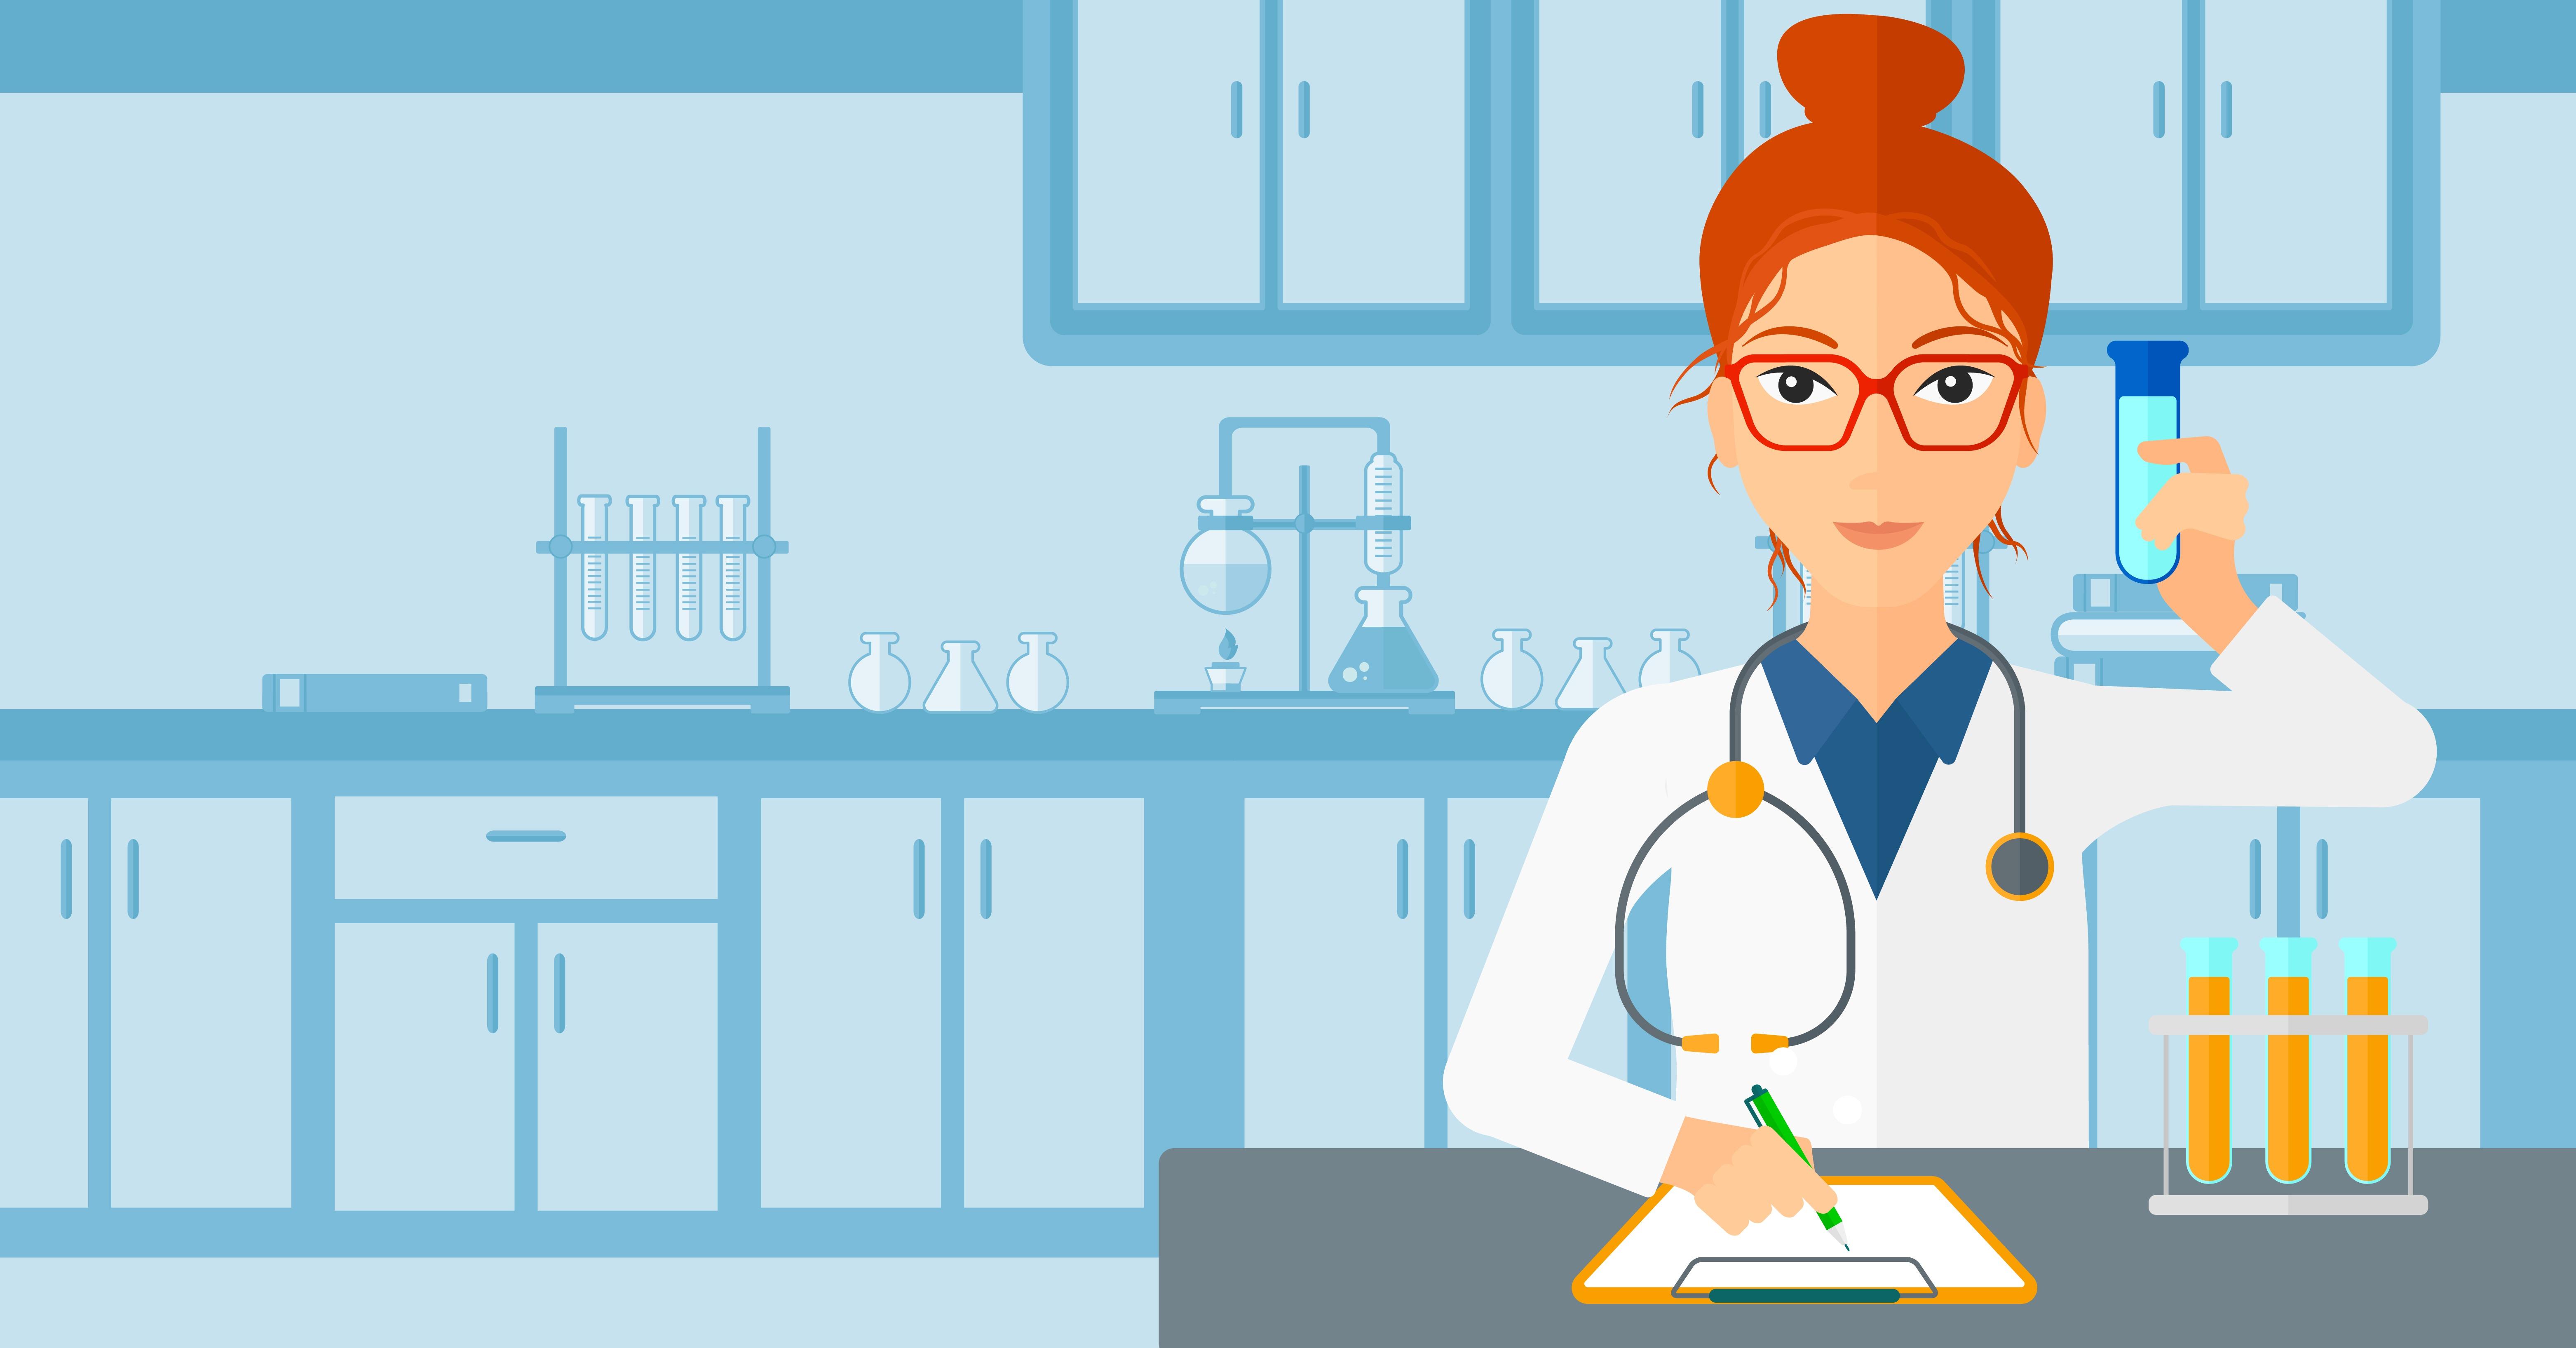 Μεταβολομικές Αναλύσεις δίνουν Απαντήσεις στα Χρόνια & Αυτοάνοσα Νοσήματα